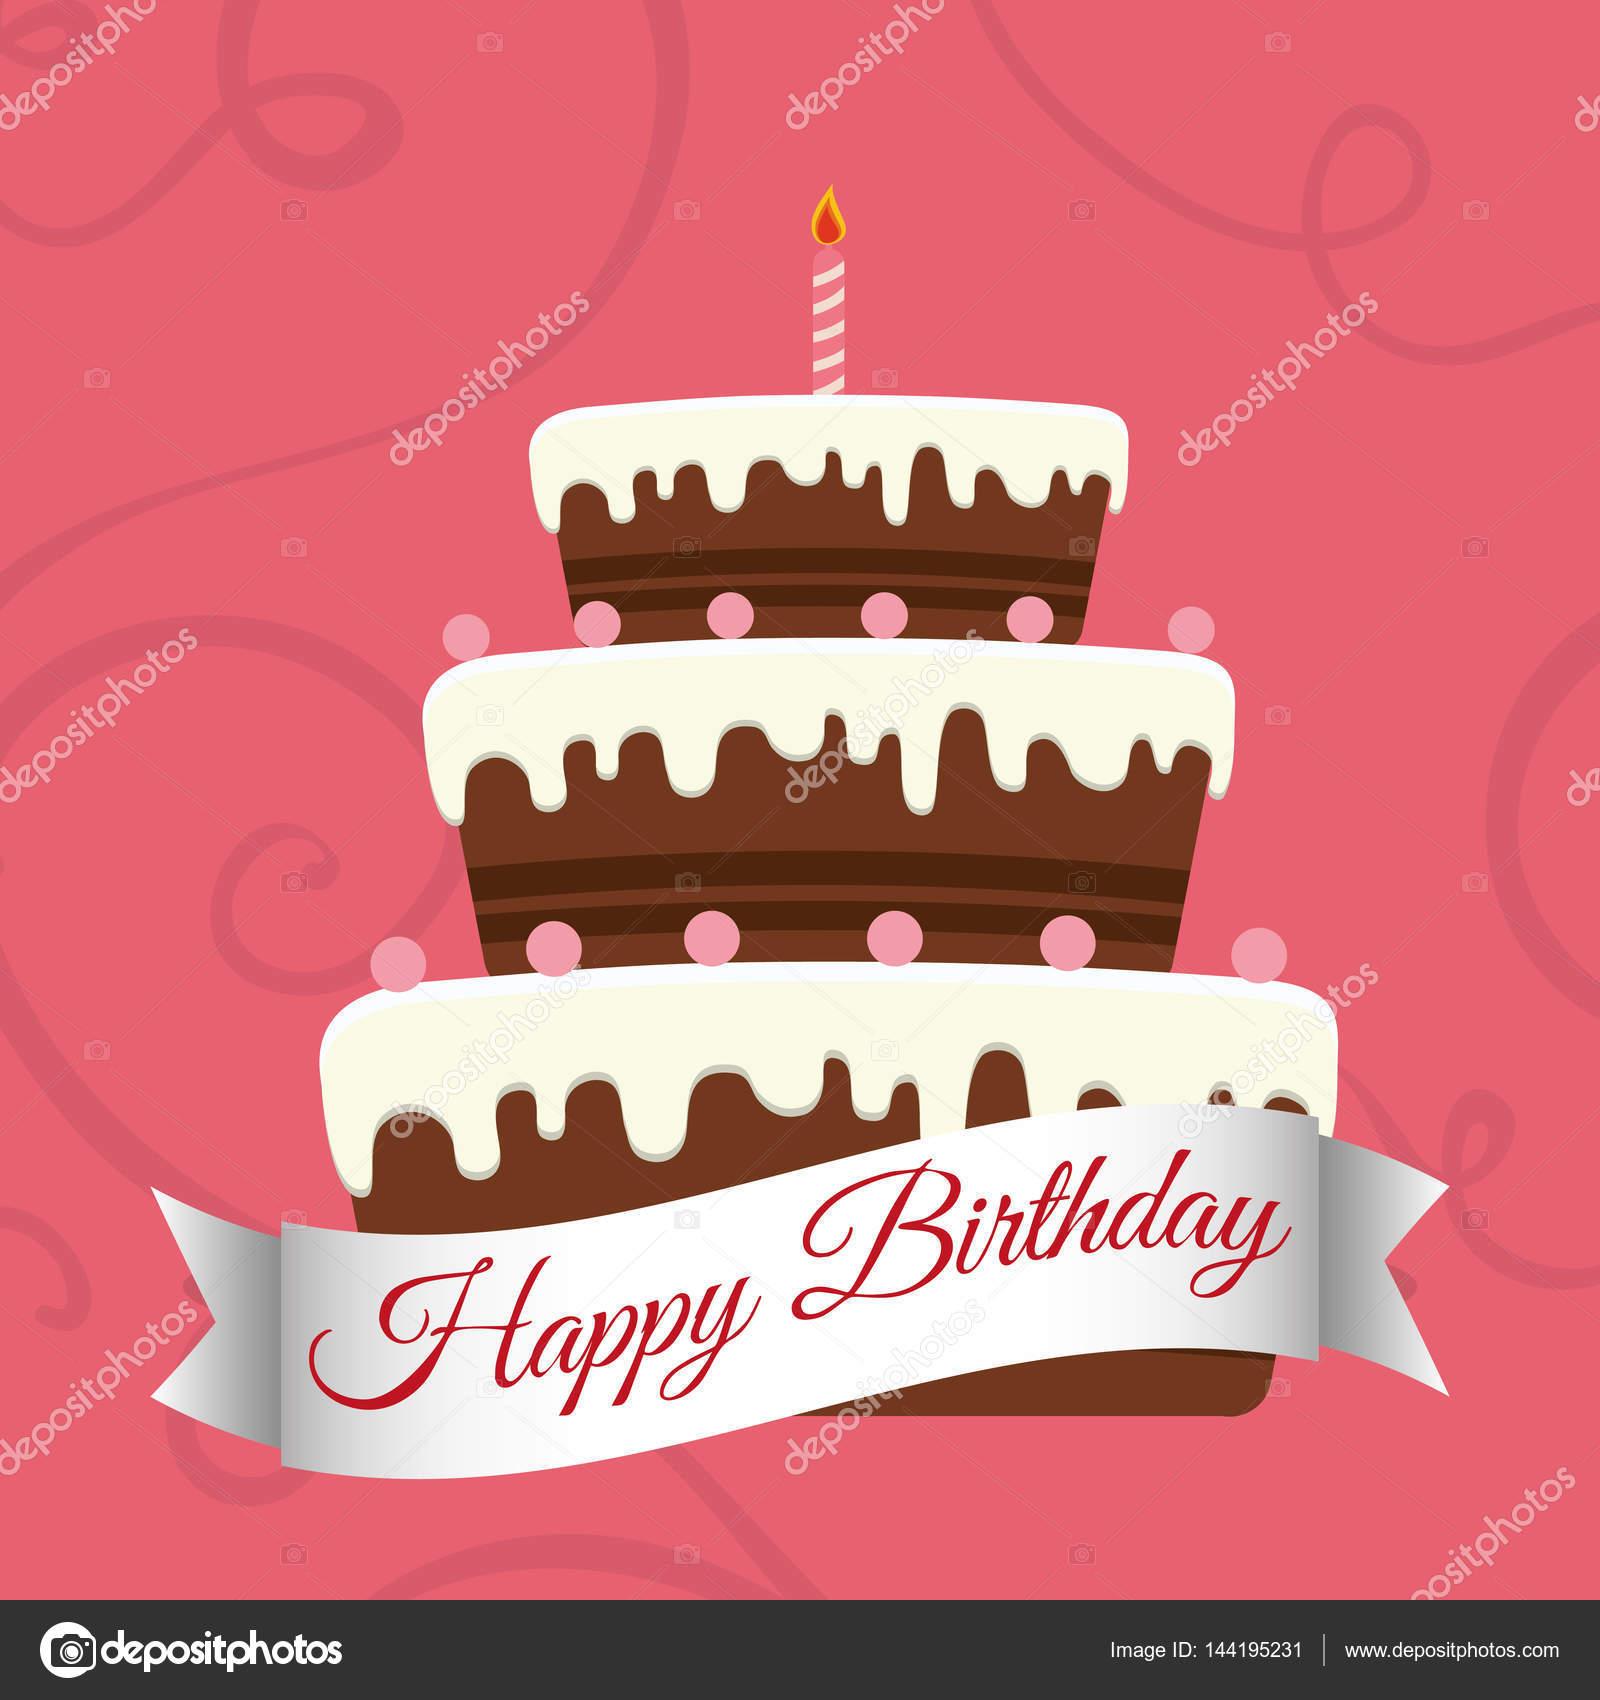 grattis söta Grattis söta cake ljus — Stock Vektor © djv #144195231 grattis söta